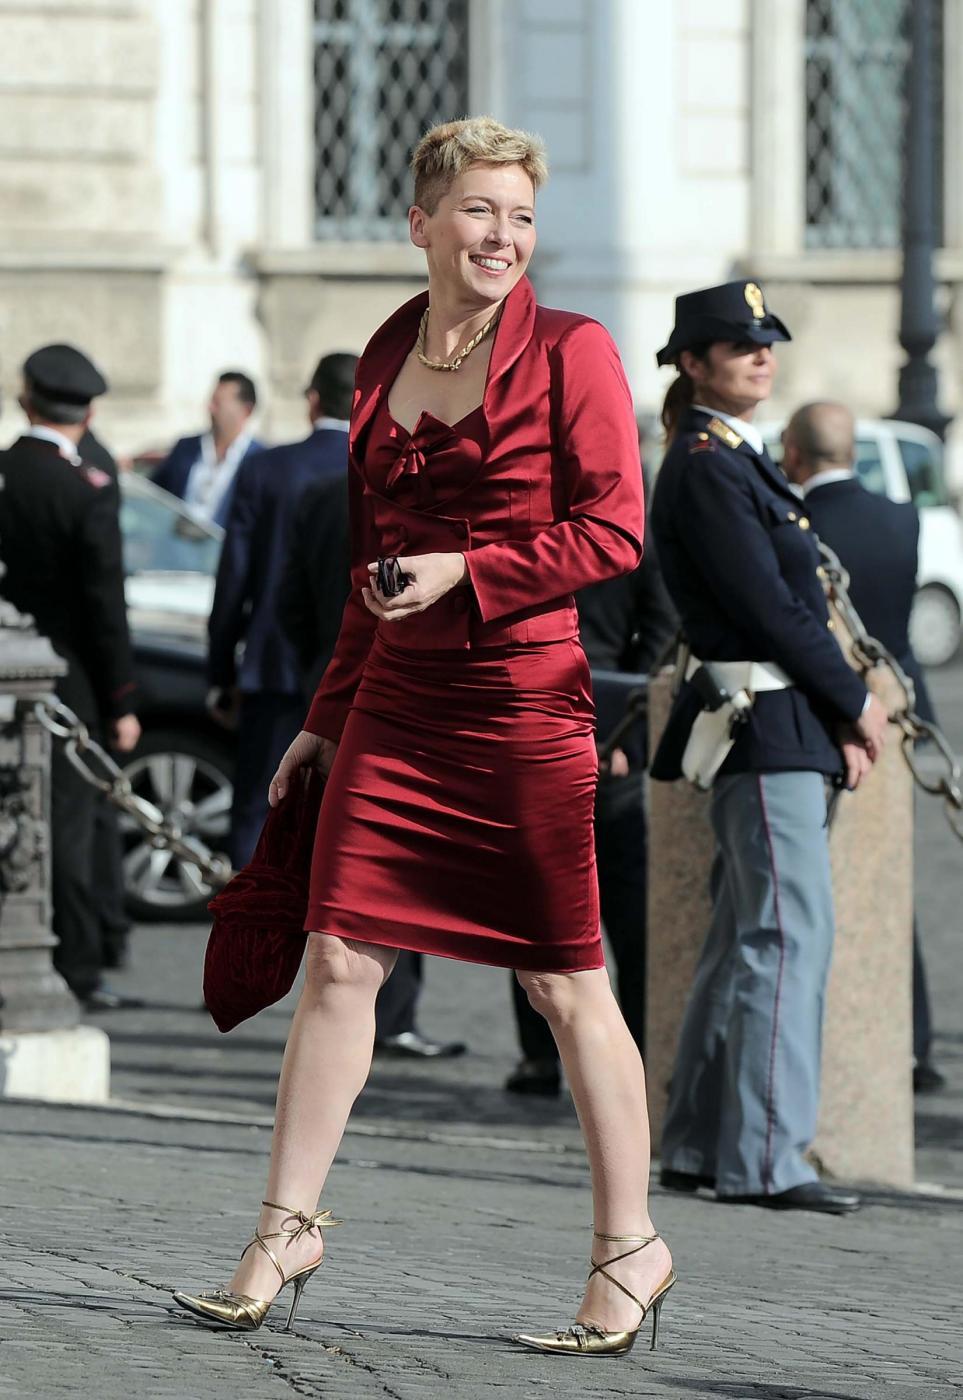 Maria Elena Boschi tacco 12, Lilli Gruber con sandali carroarmato: look dei politici al Quirinale 6